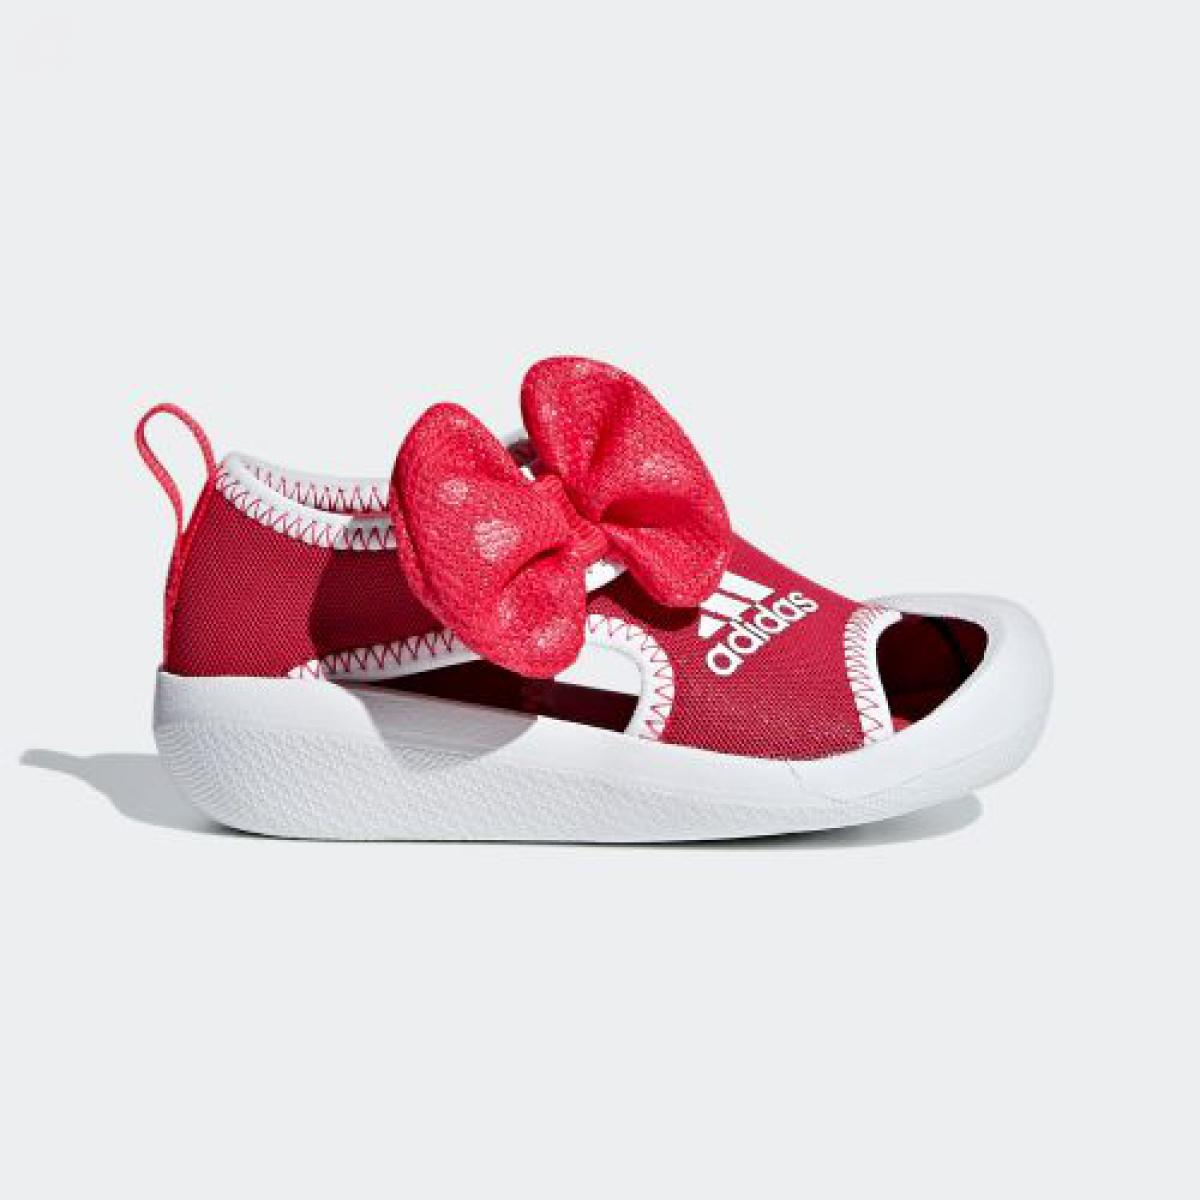 【公式】アディダス adidas [DISNEY] ミニー アルタベンチャー /AltaVenture ミニー I キッズ D96910 水泳 シューズ サンダル/スリッパ